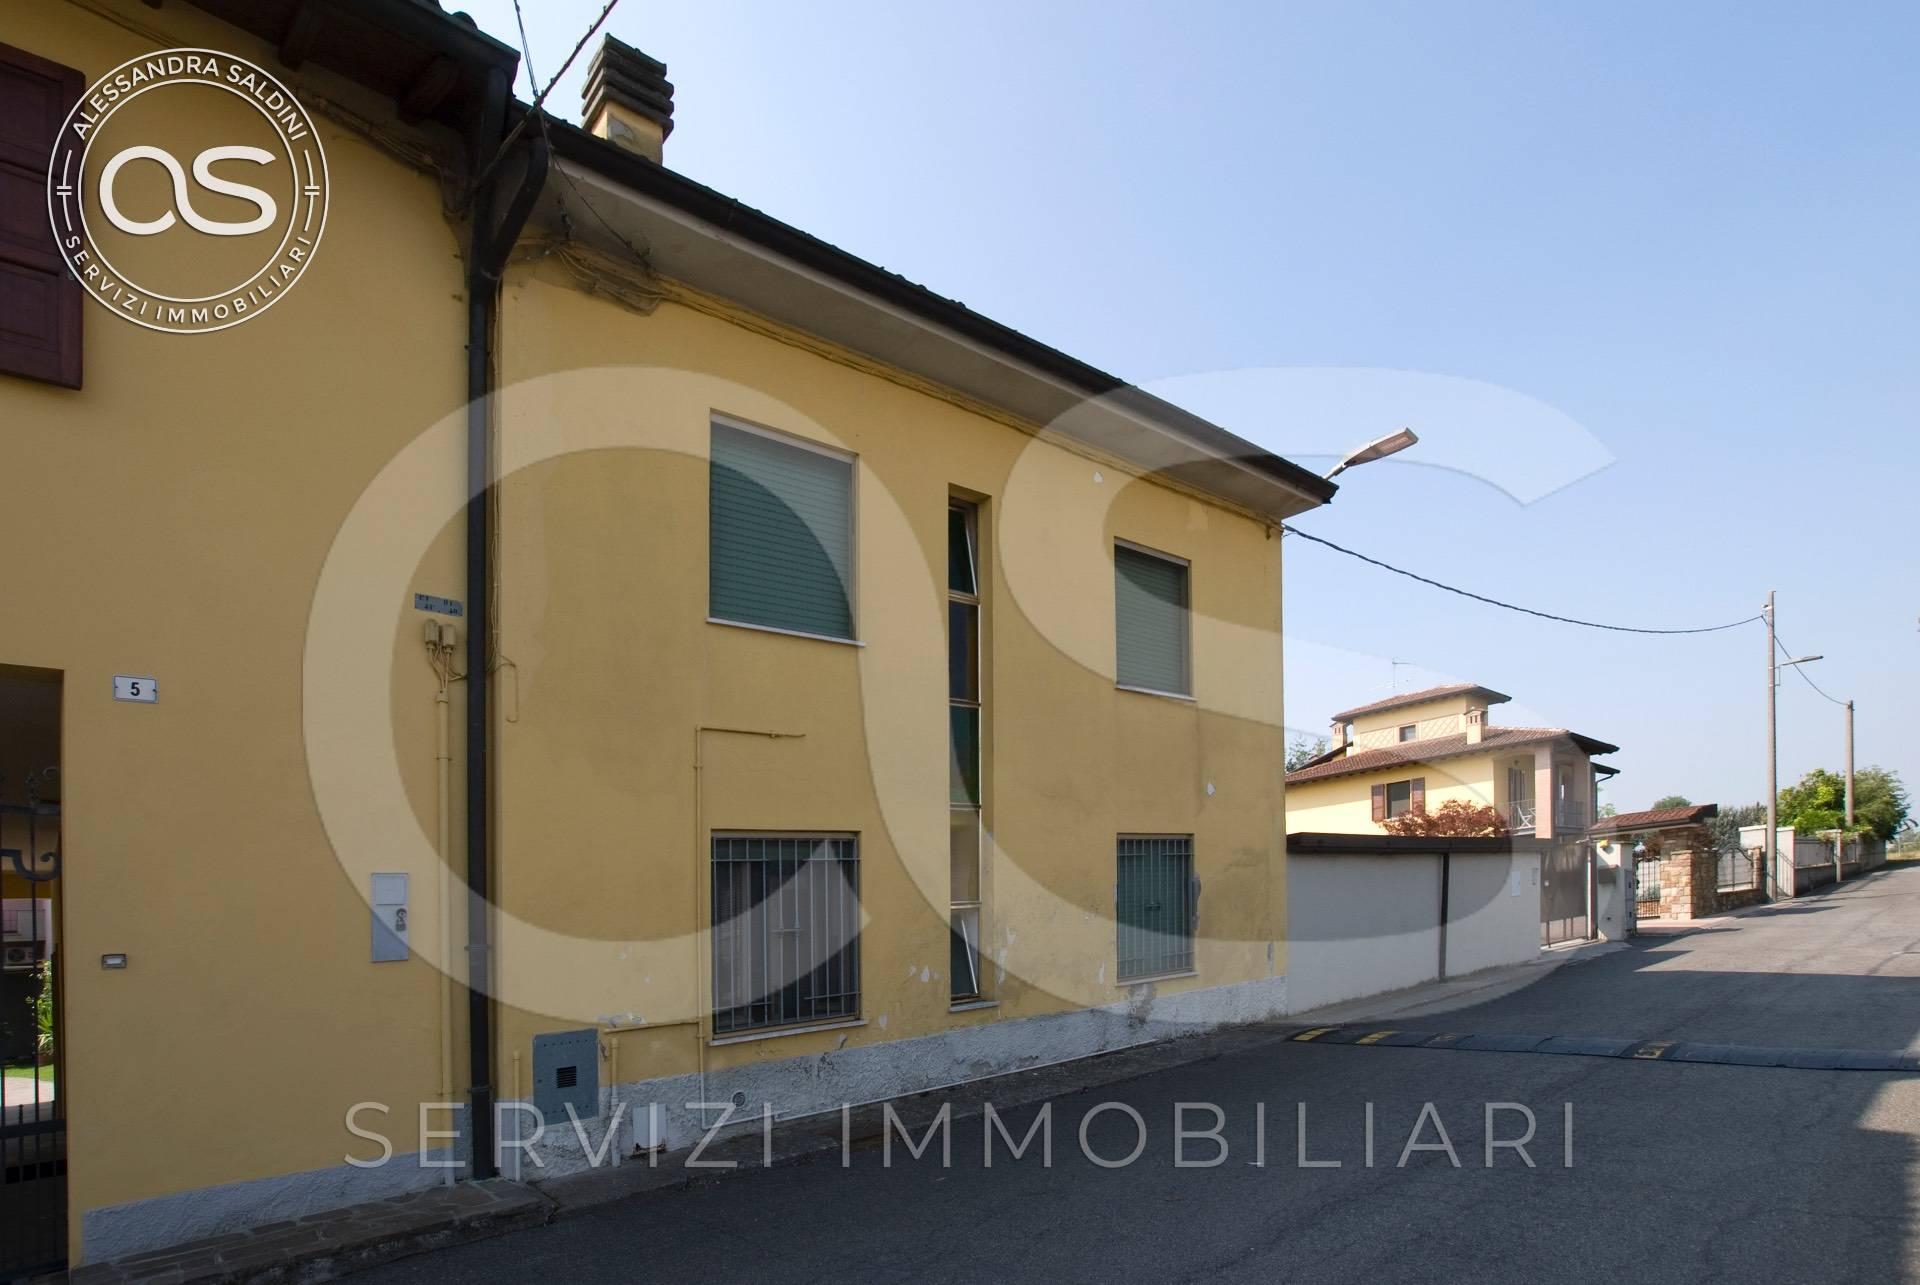 Villa a Schiera in vendita a Bassano Bresciano, 4 locali, prezzo € 60.000 | PortaleAgenzieImmobiliari.it